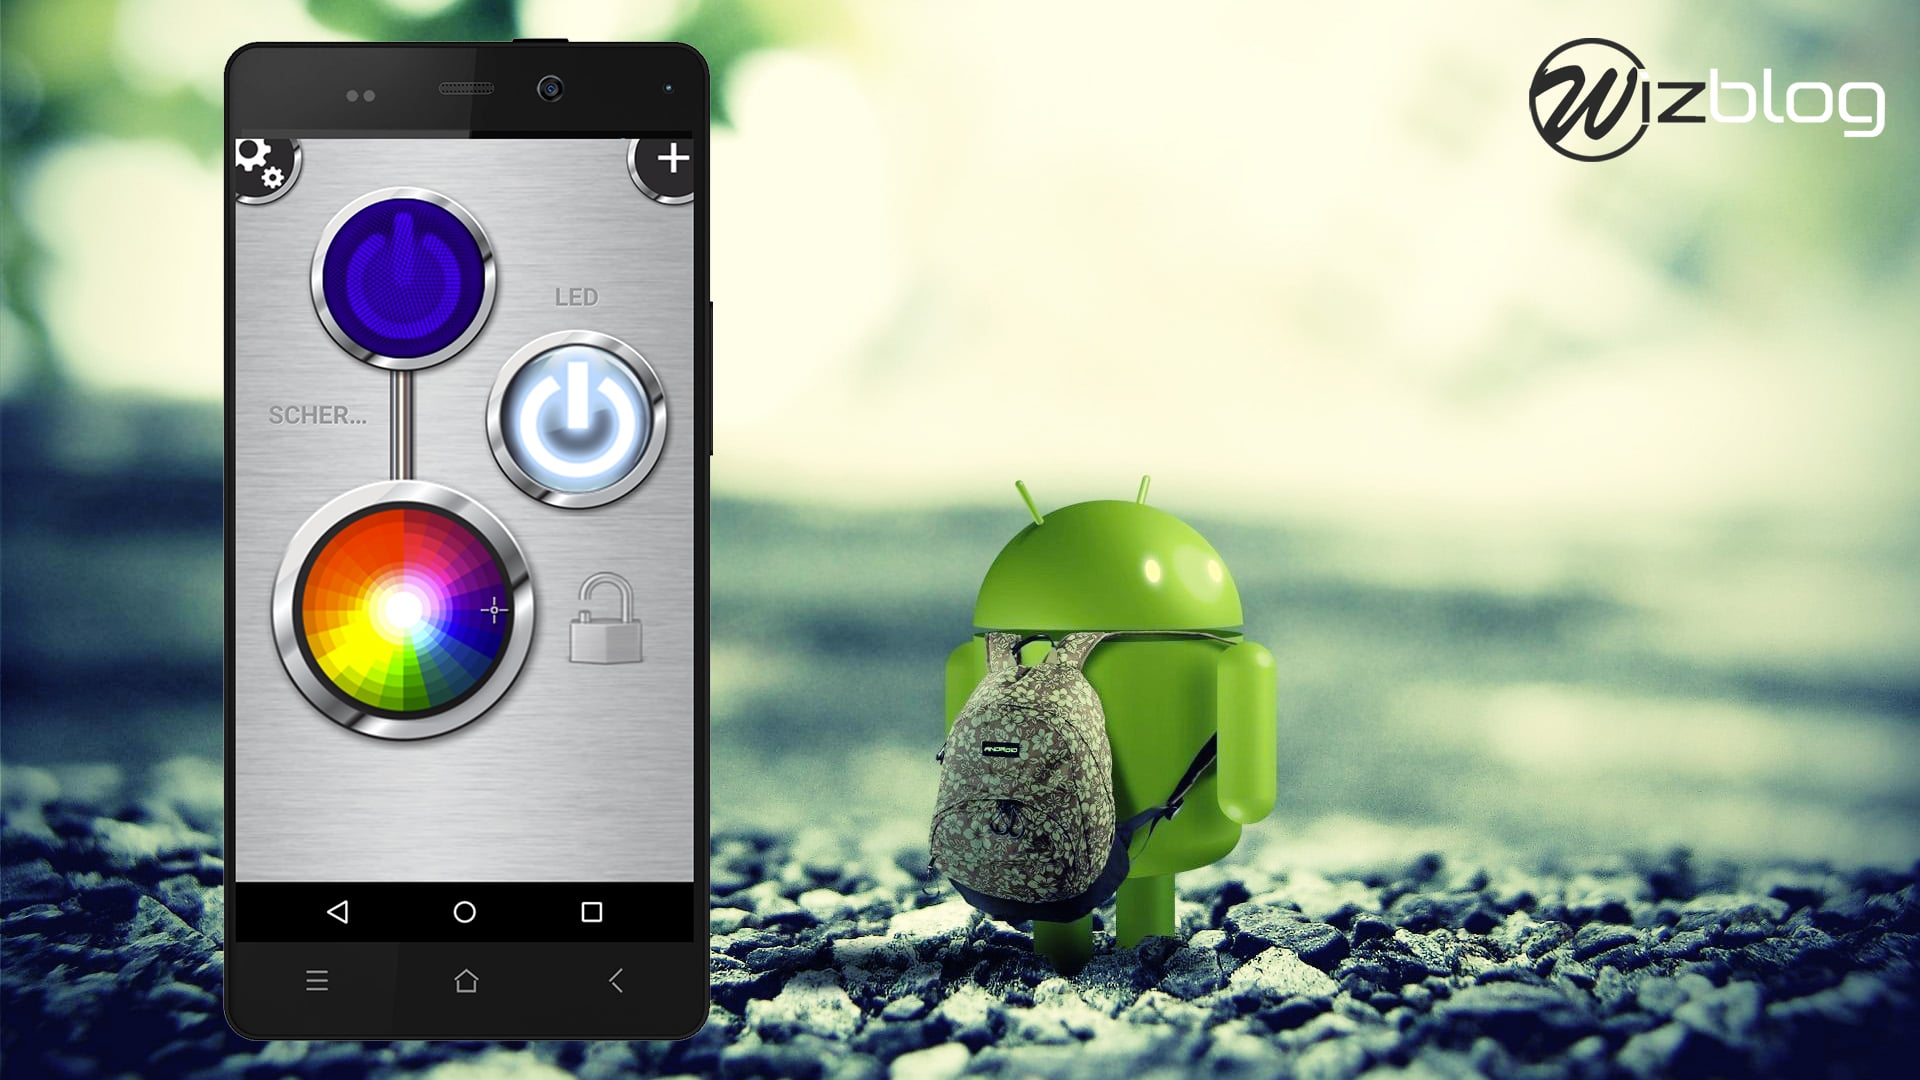 Le migliori app android per attivare la torcia wizblog for App per progettare casa android